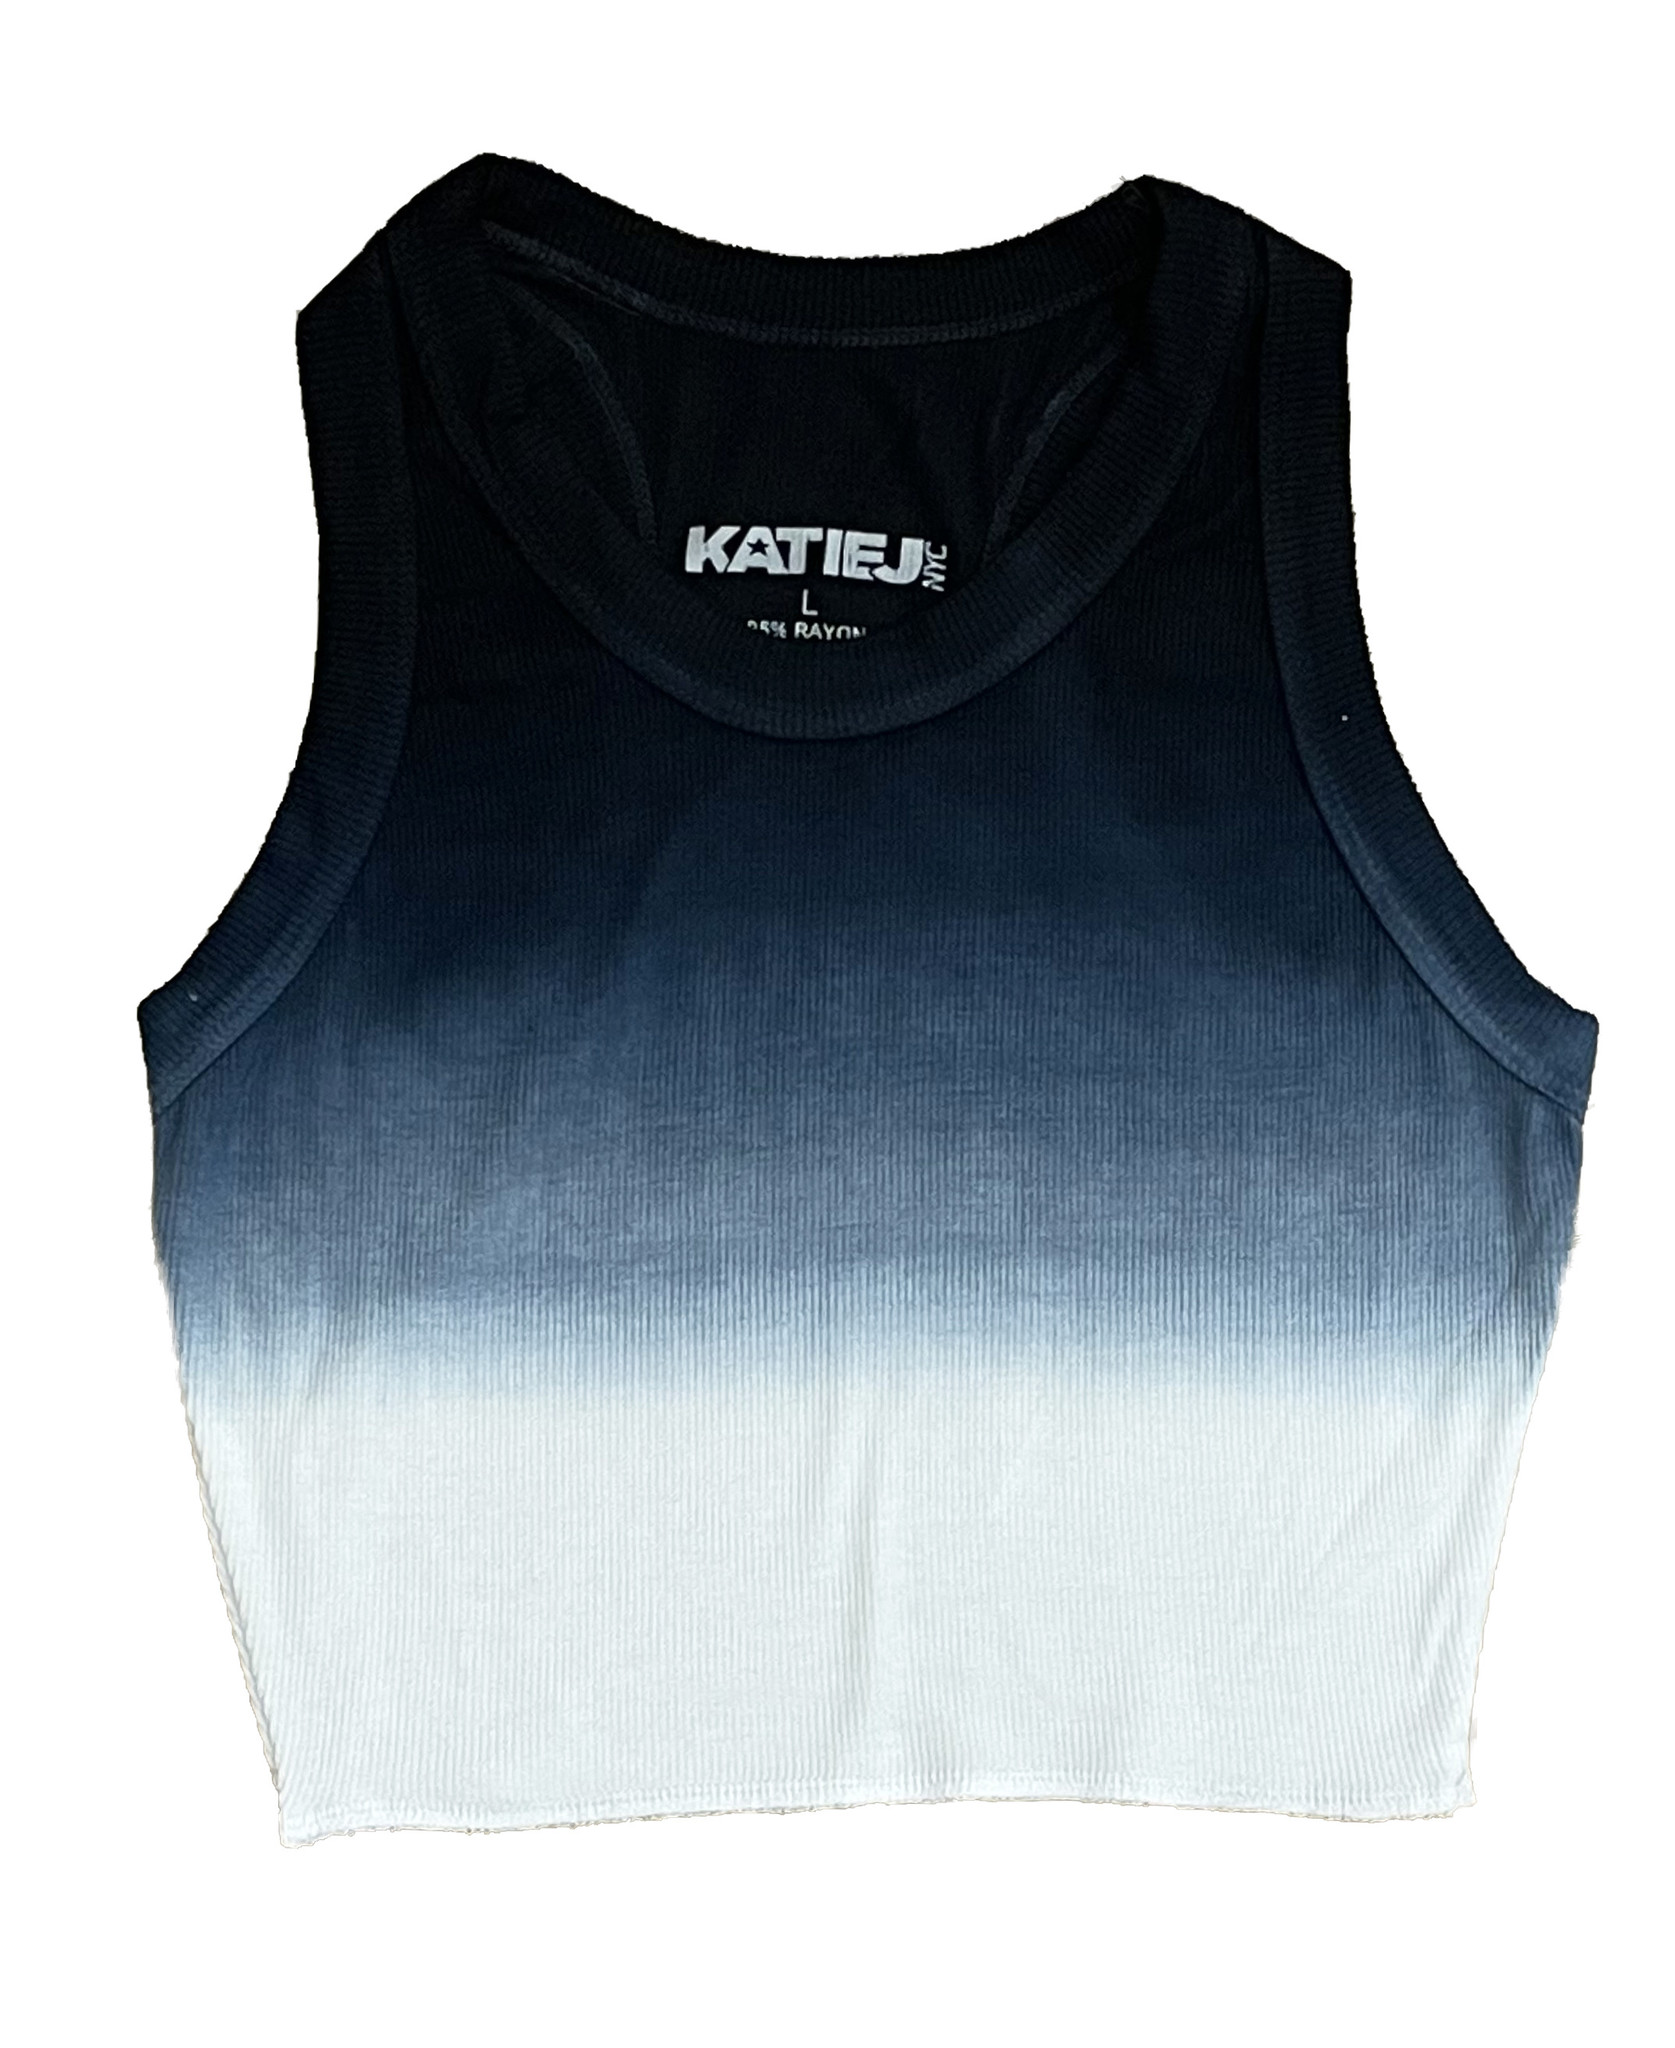 Katie J NYC B/W Dip Dye Tank